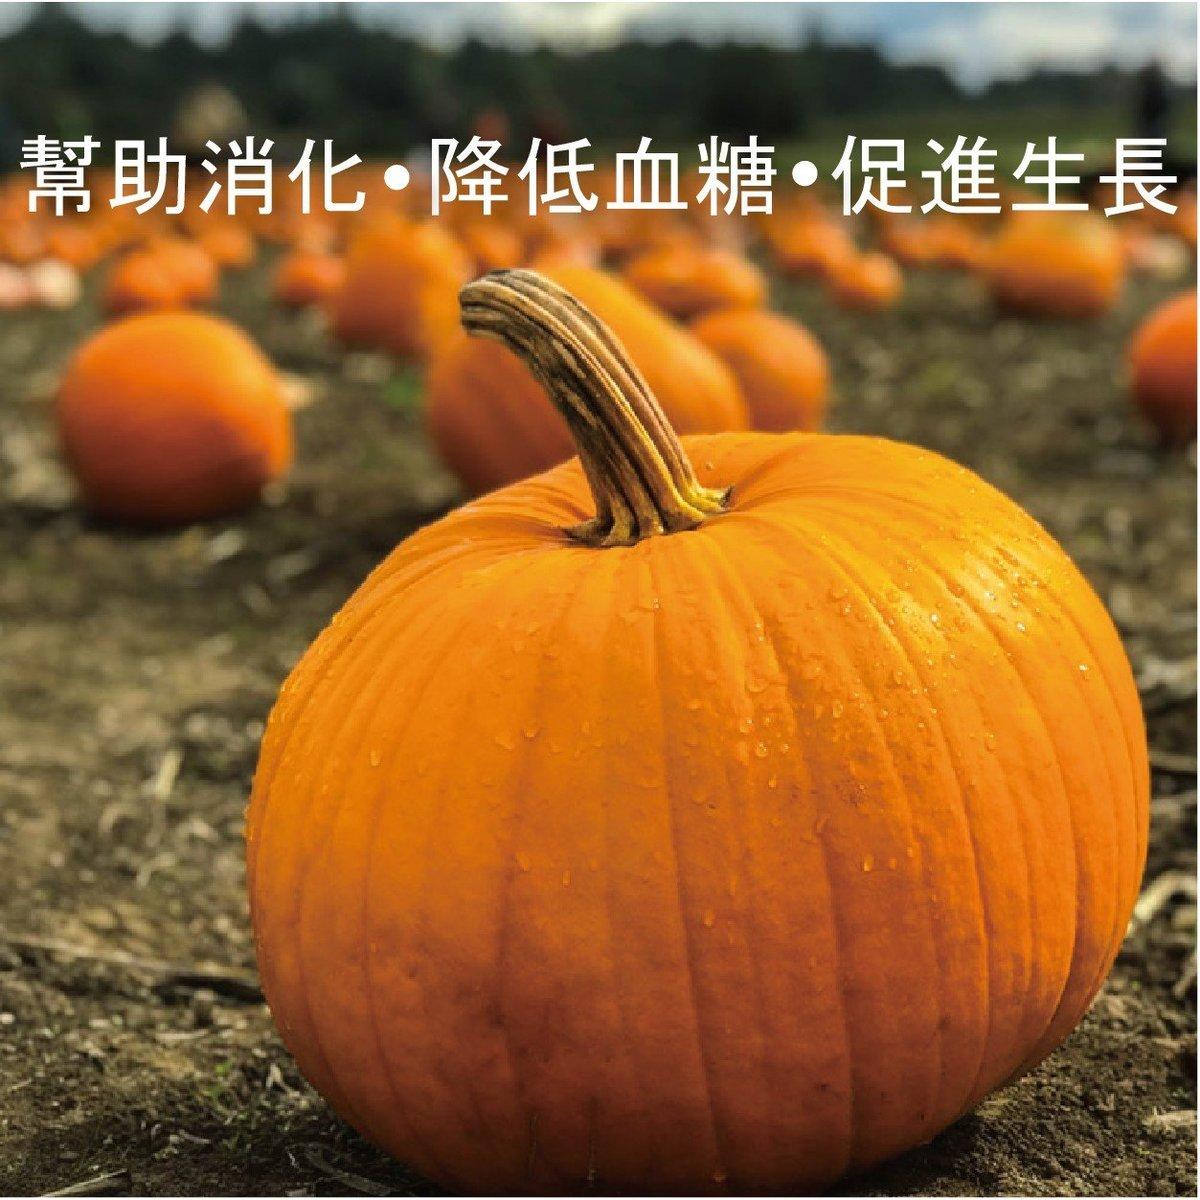 金南瓜 1個 (1.2-1.5K) (Golden Nugget)